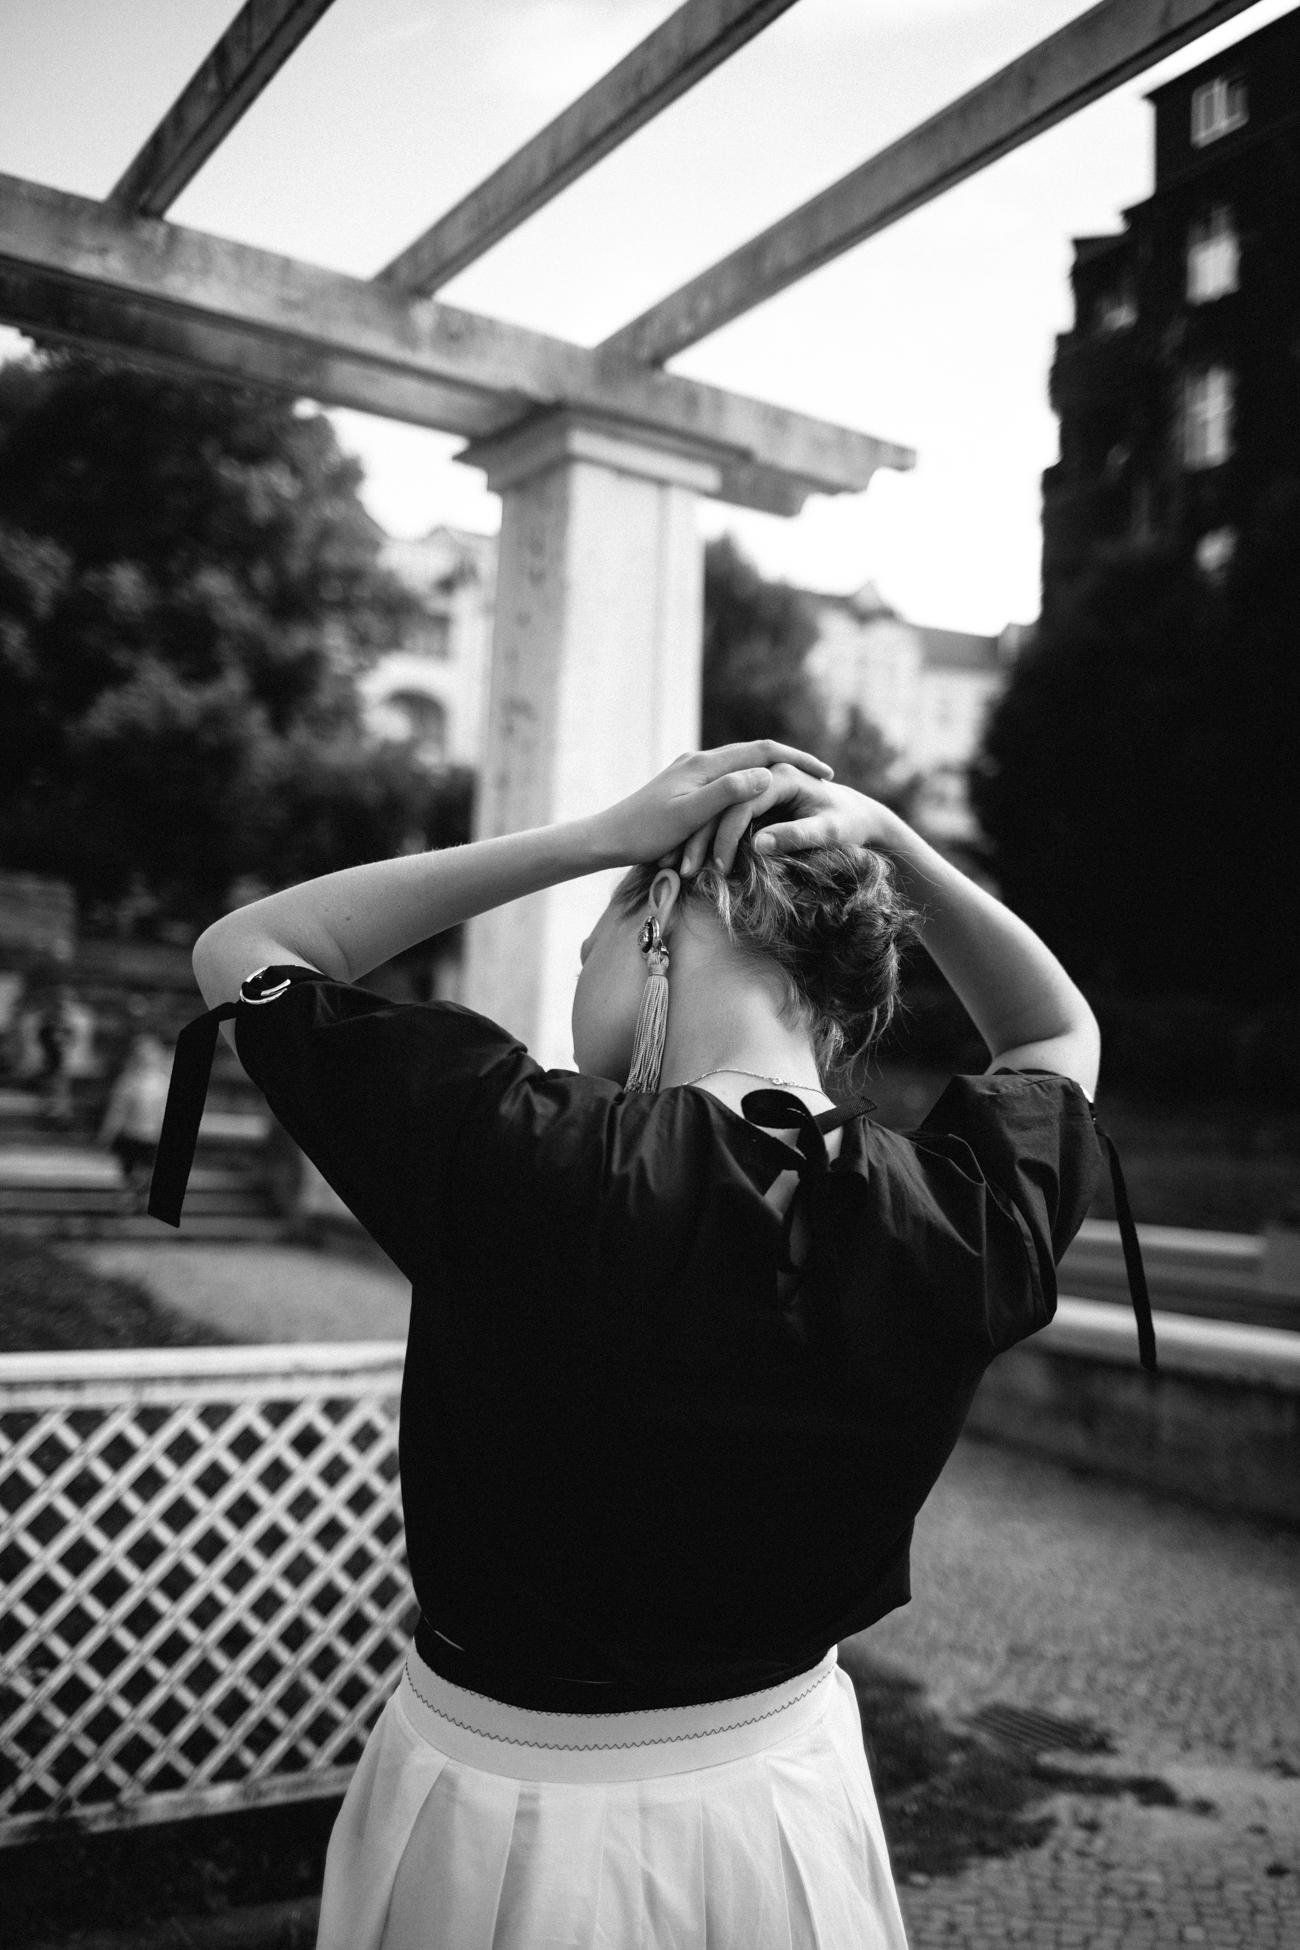 CLAIRE-BY-MARLEN-MUELLER-2748